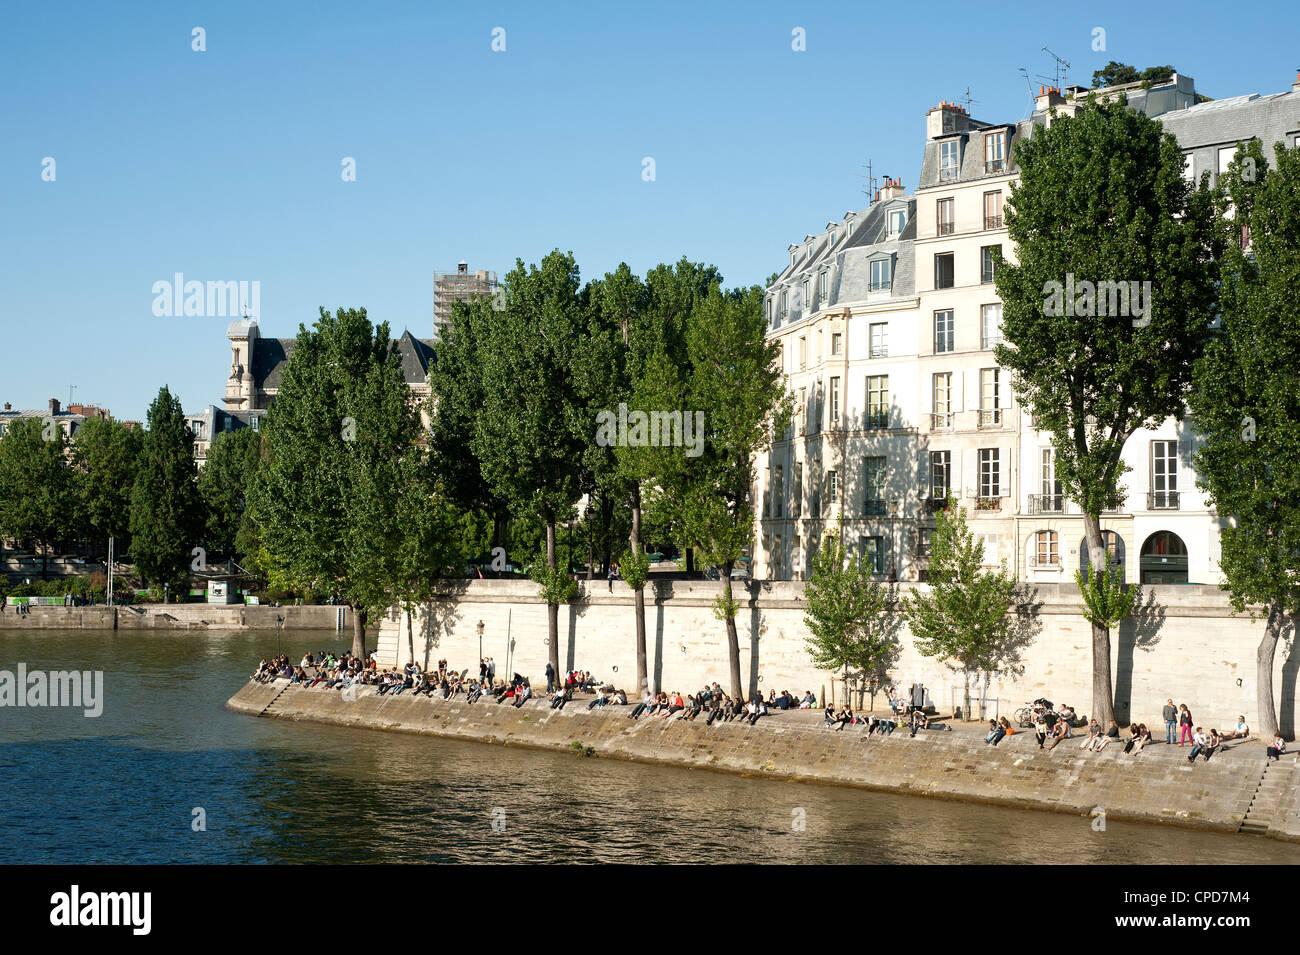 Paris, France  - People sunbathing on Ile St Louis - Stock Image